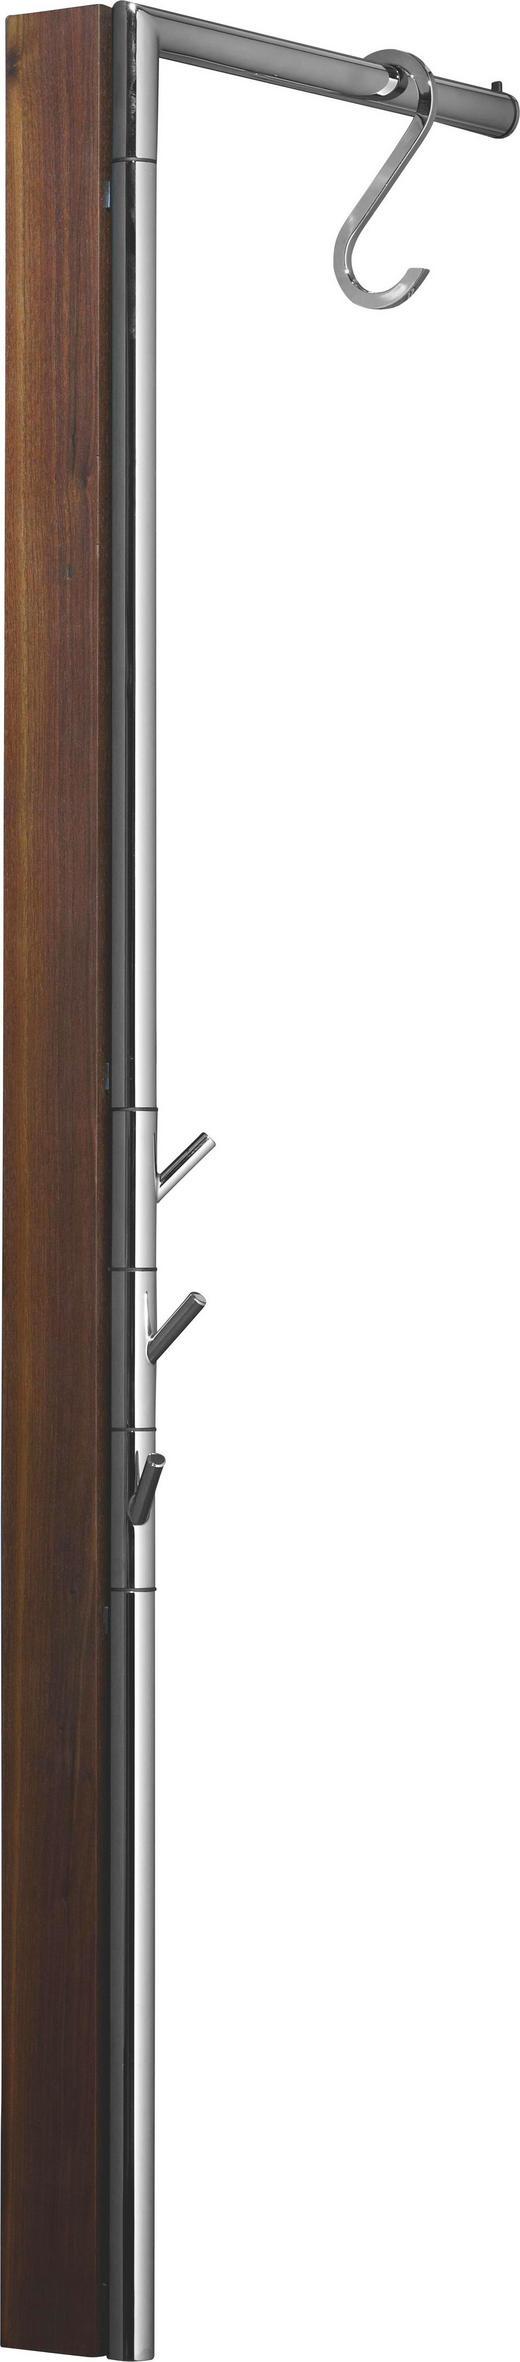 WANDGARDEROBE Nussbaum massiv Nussbaumfarben - Nussbaumfarben, Design, Holz/Metall (2,5(35)/120/38,5cm)